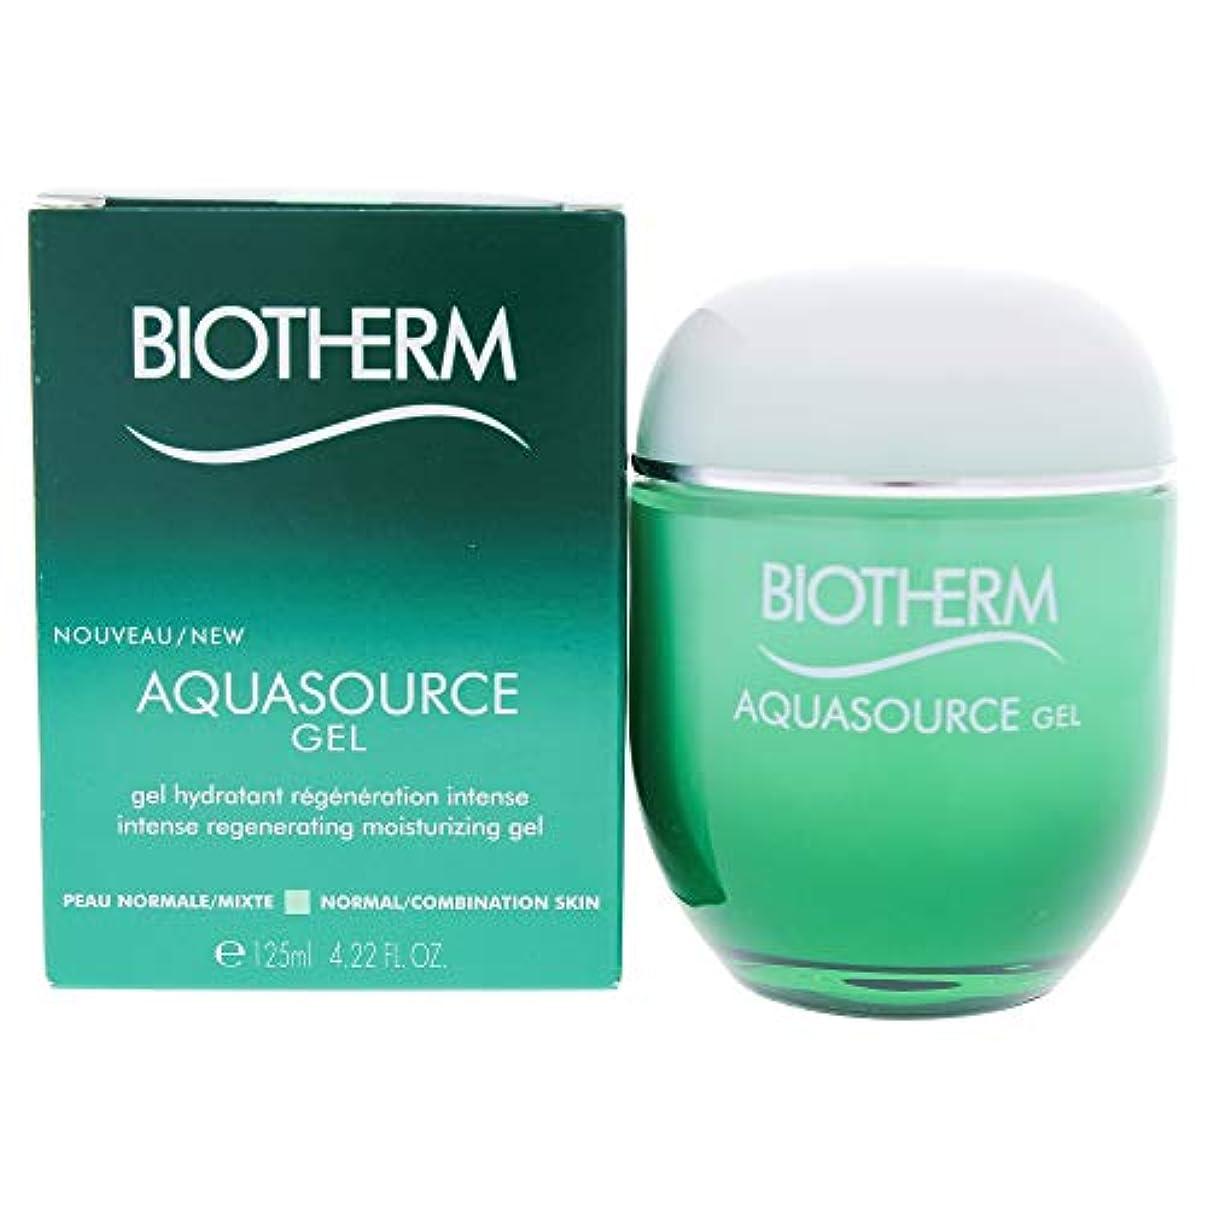 オーガニック窒息させるジョットディボンドンビオテルム Aquasource Gel Intense Regenerating Moisturizing Gel - For Normal/Combination Skin 125ml/4.22oz並行輸入品